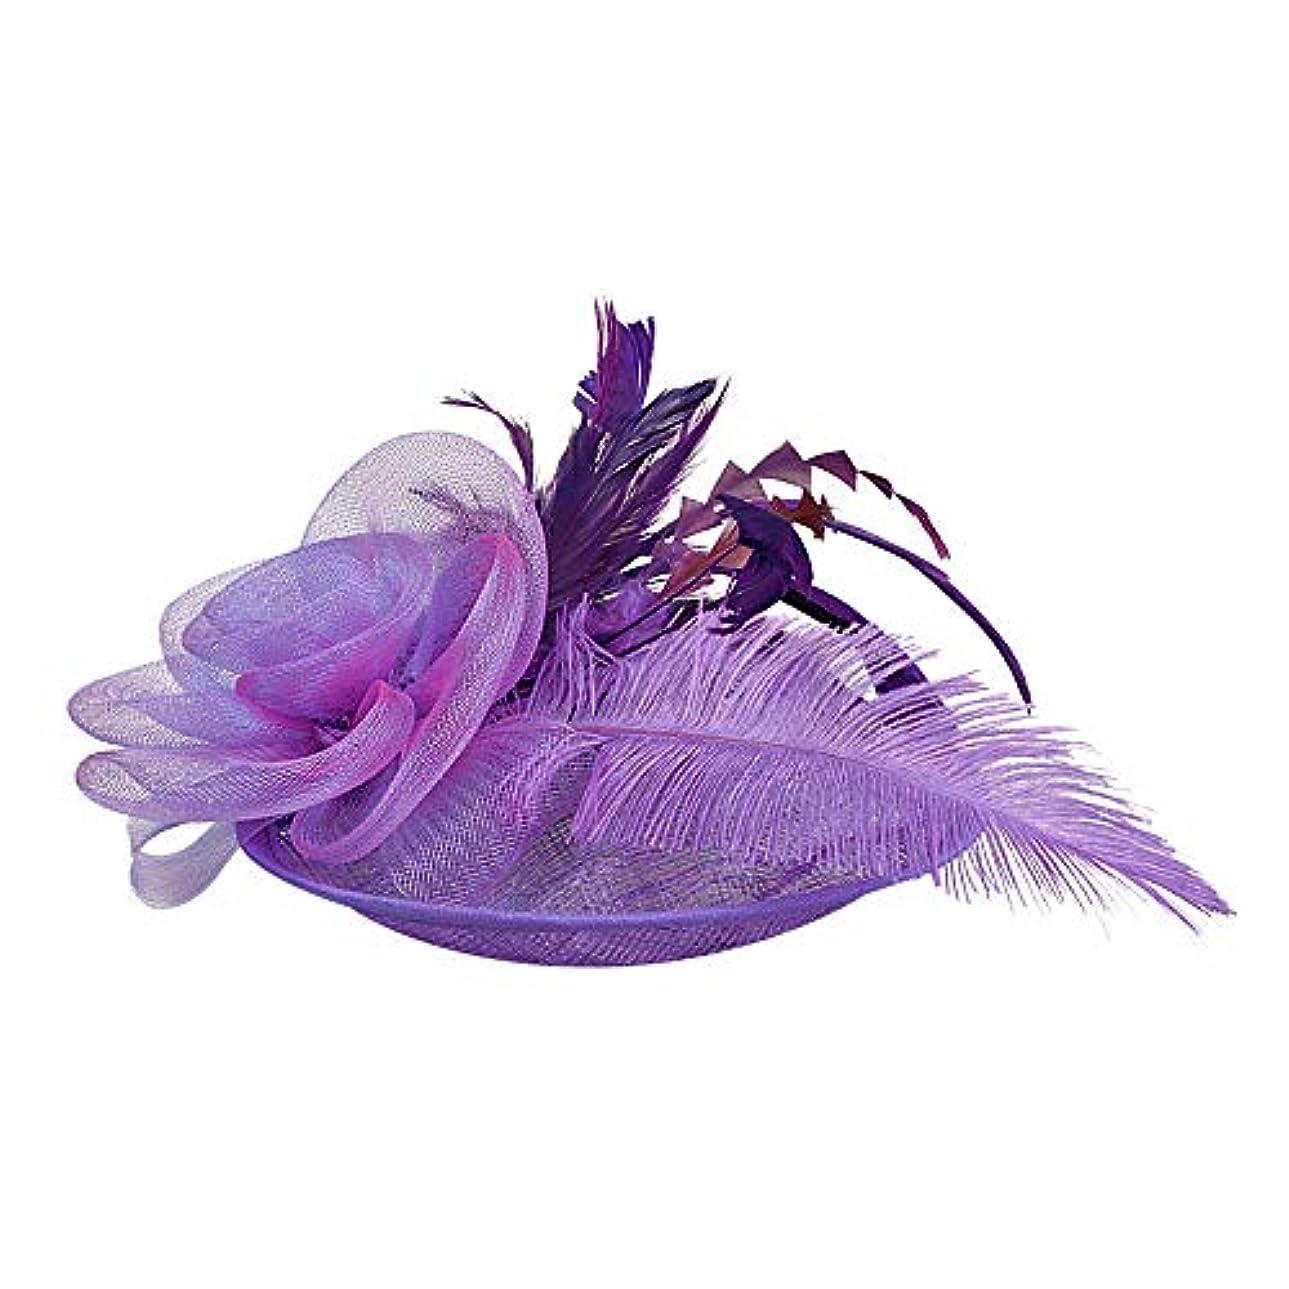 Merssavo 英国スタイルのブライダル帽子、女性のエレガントな花の羽のベールの帽子ヴィンテージリネンティアラヘアアクセサリードレス帽子、1#